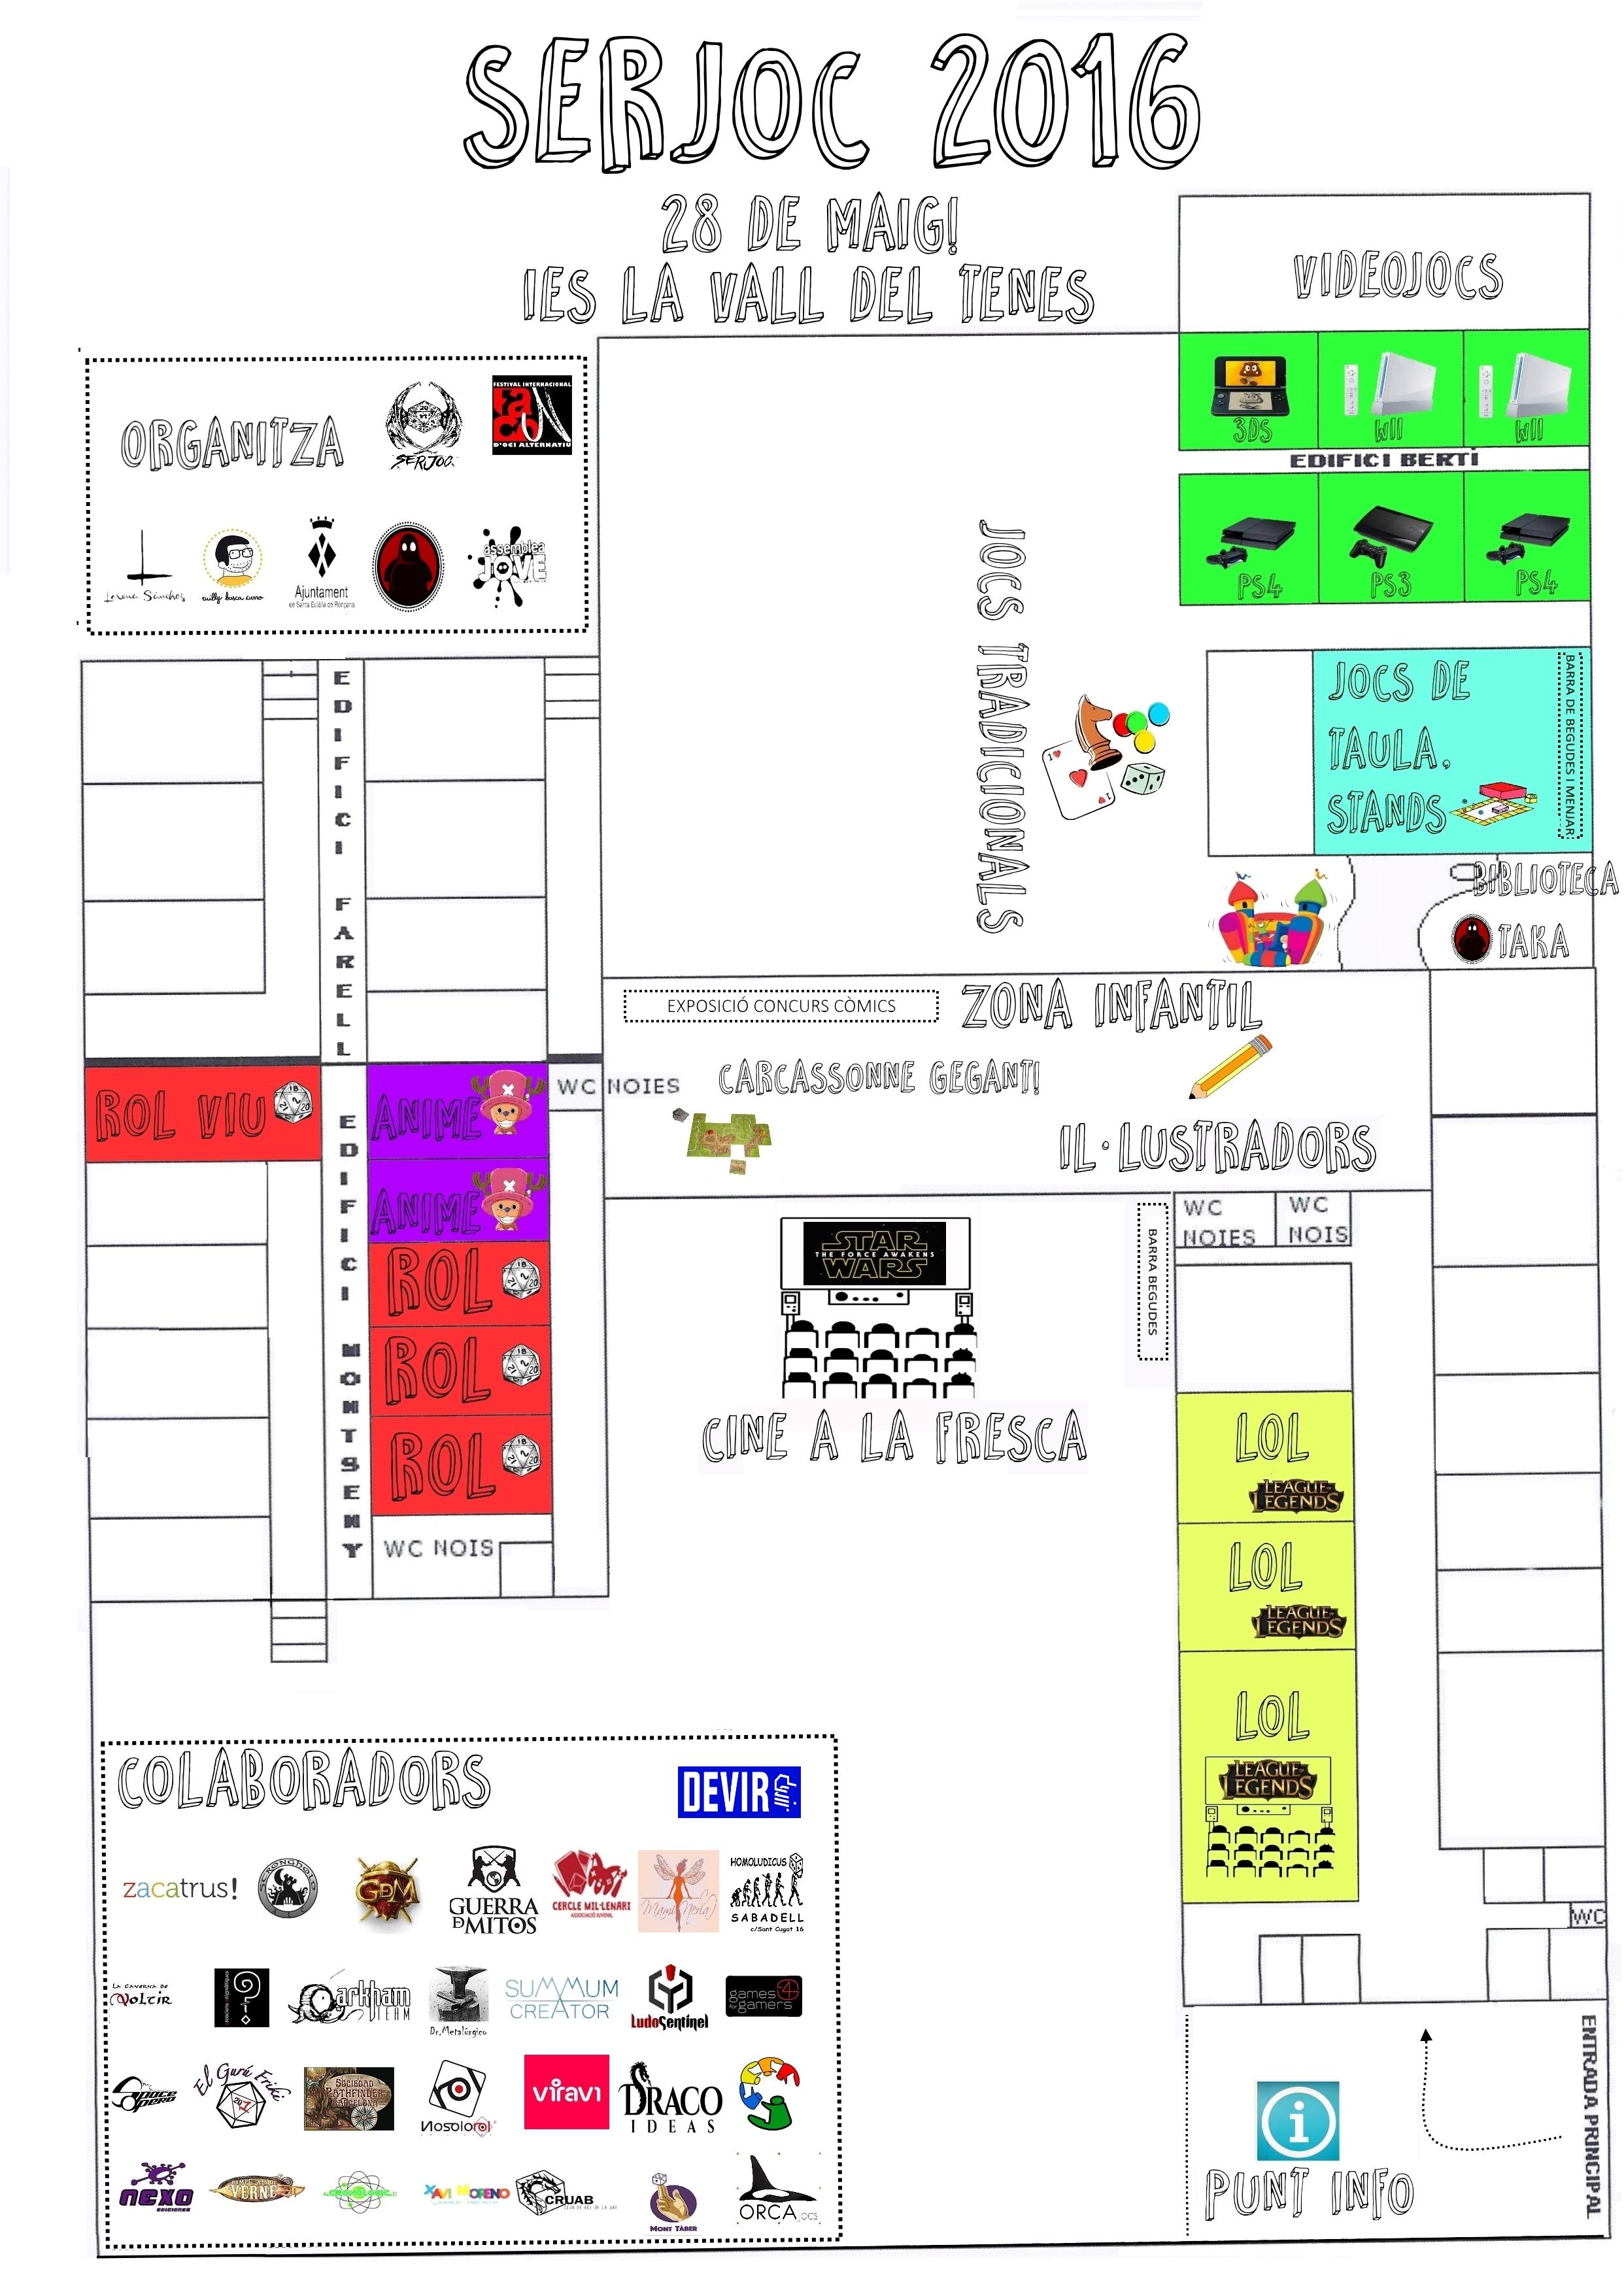 SerJoc 2016_Mapa final